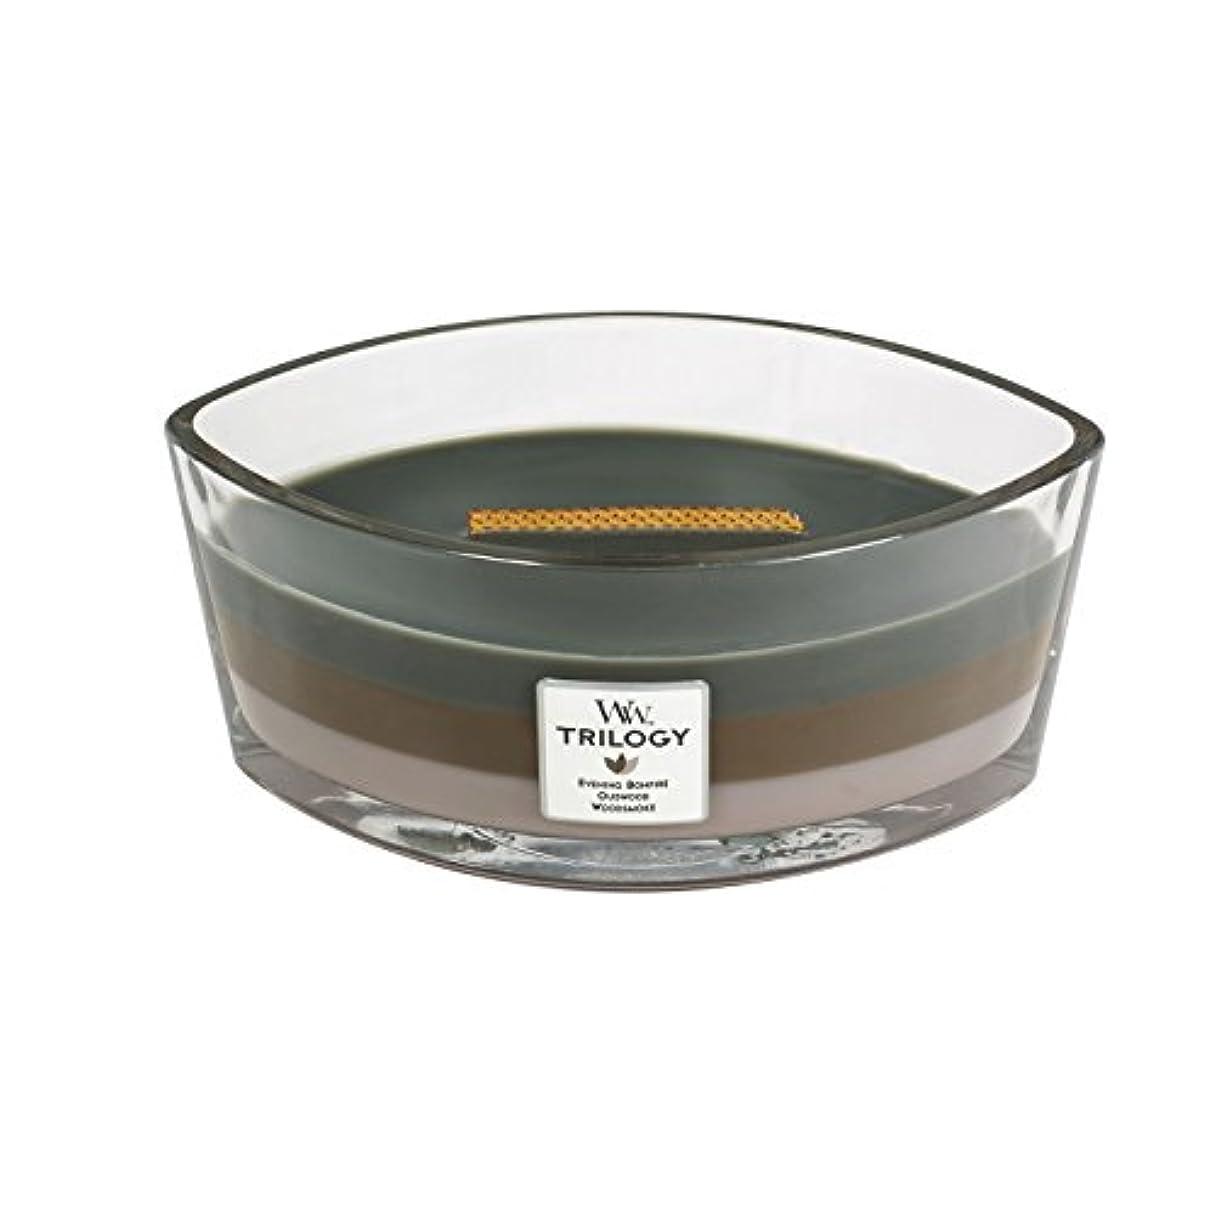 登録イタリアの巨大なWoodWick Trilogy cosy CABIN, 3-in-1 Highly Scented Candle, Ellipse Glass Jar with Original HearthWick Flame, Large...